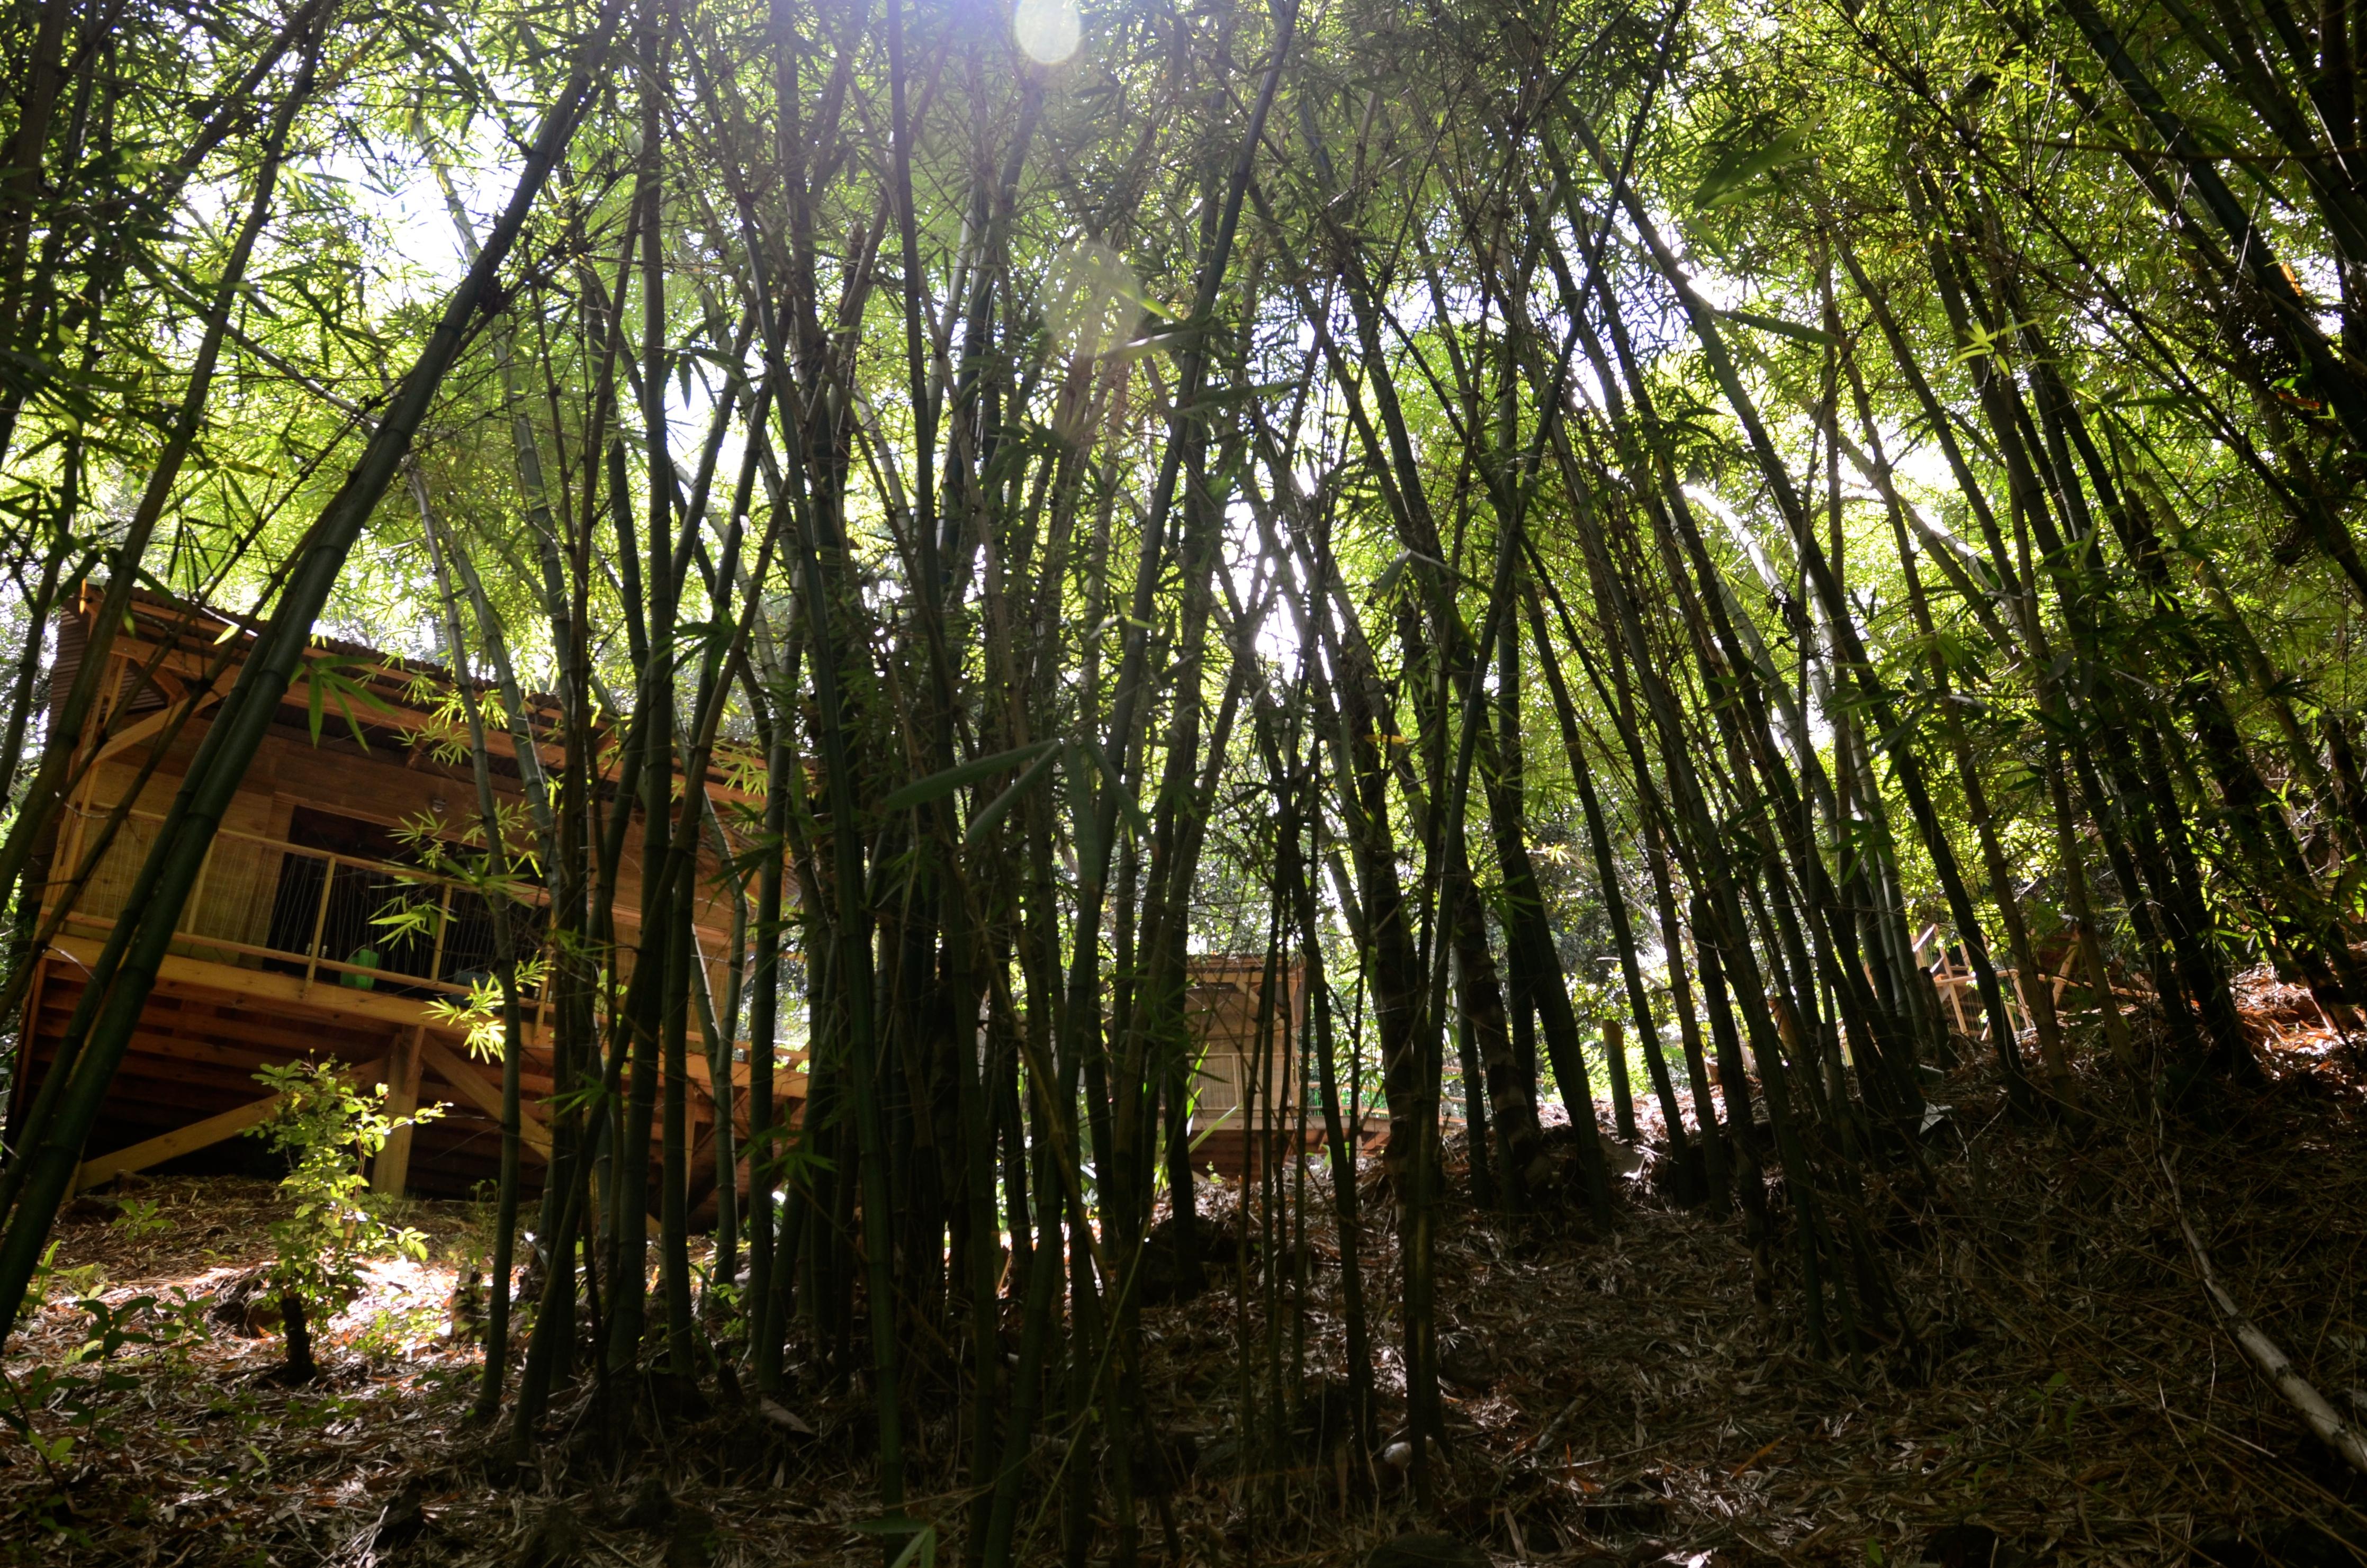 L'autre coté de la bambouseraie